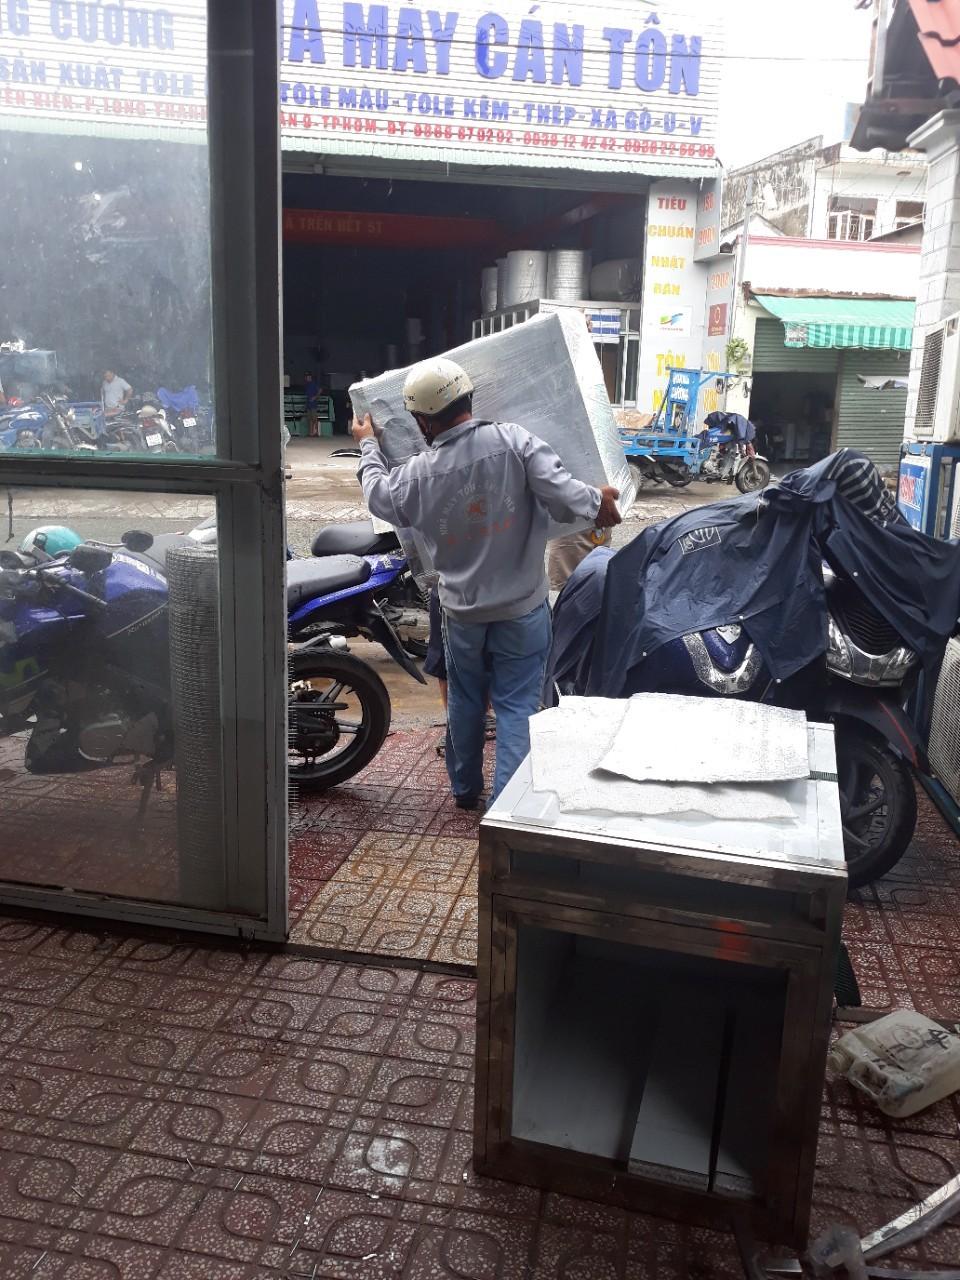 Cung cấp máy sấy cá Trà Vinh - Máy sấy kenview